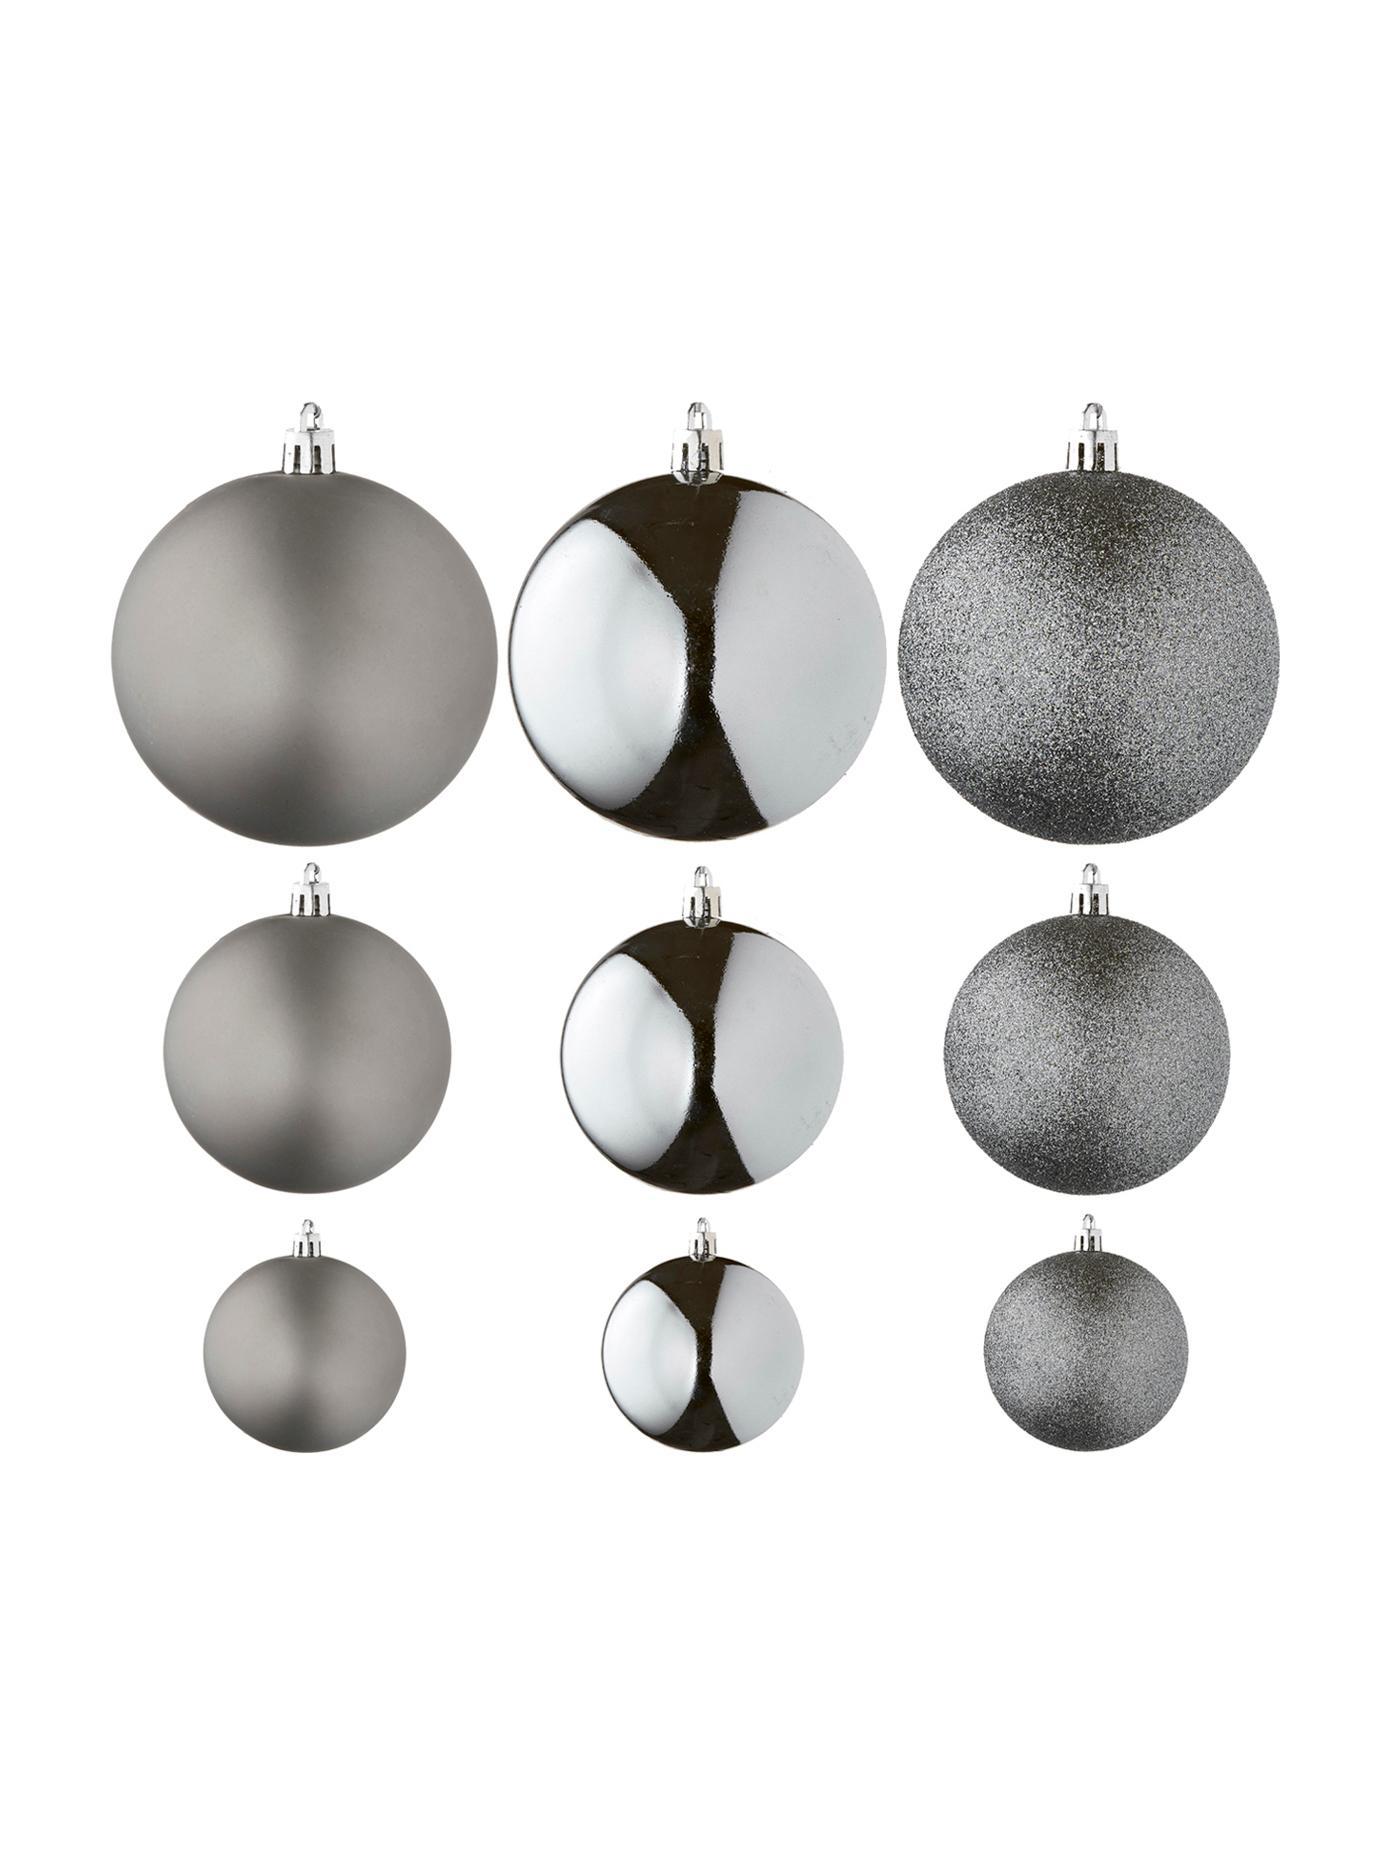 Weihnachtskugel-Set Natalie, 46-tlg., Kunststoff, Silberfarben, Verschiedene Grössen